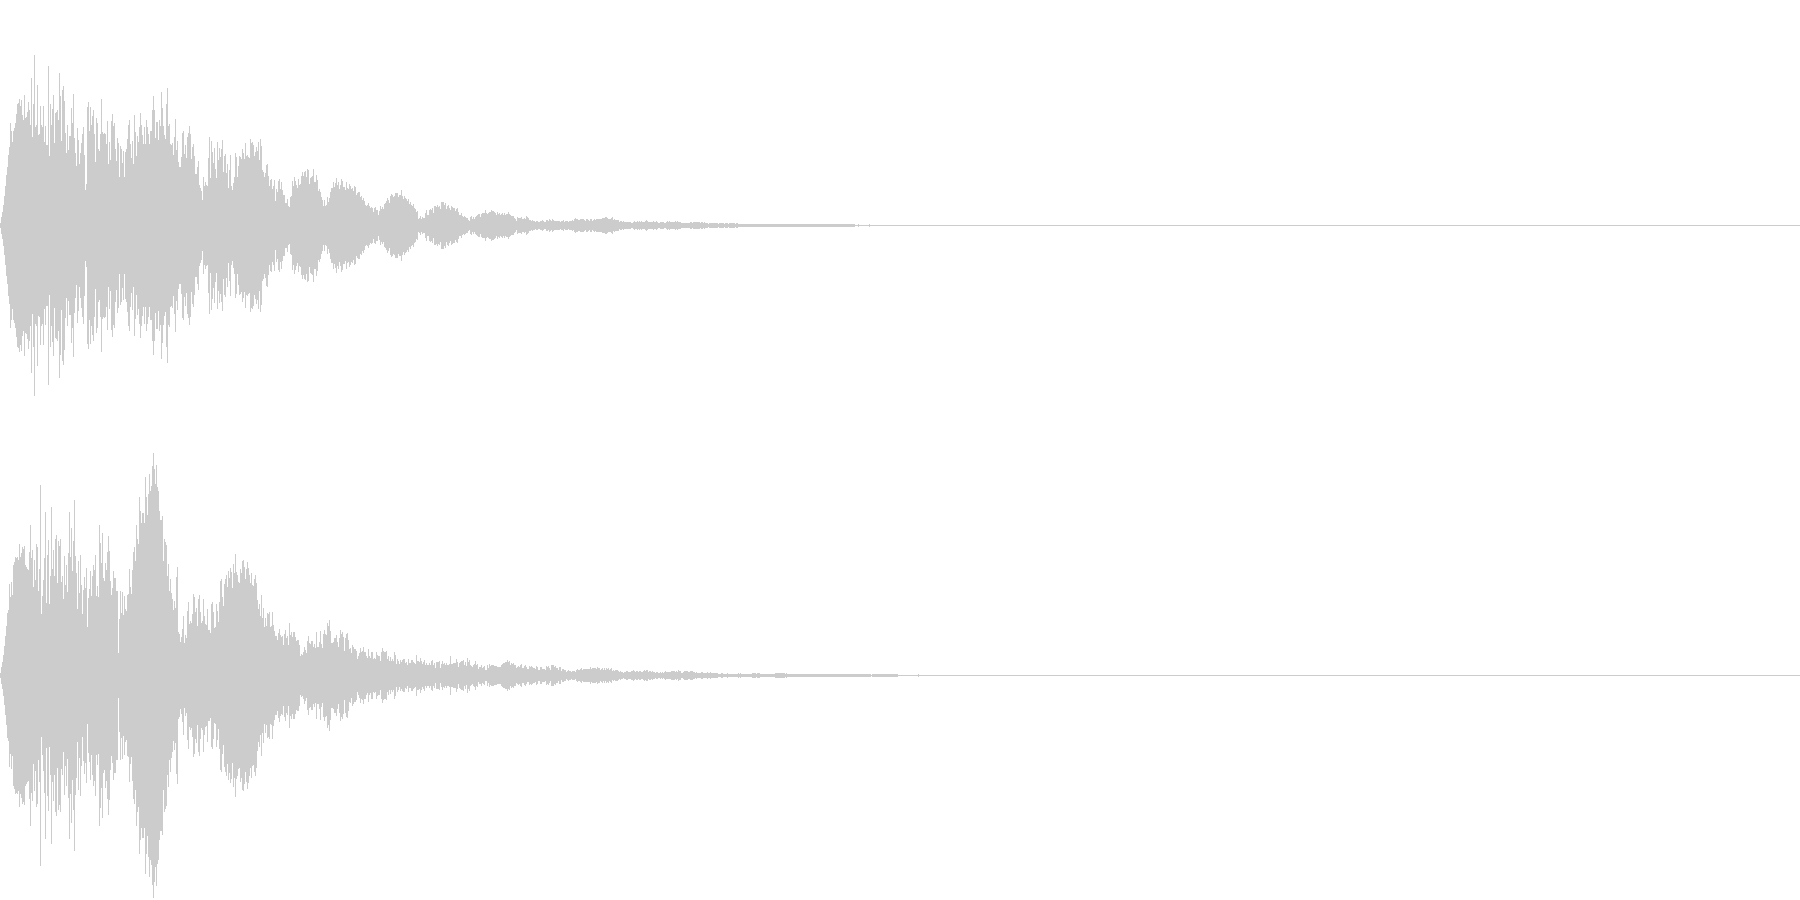 キュイン ボタン ピキーン キーン 19の未再生の波形